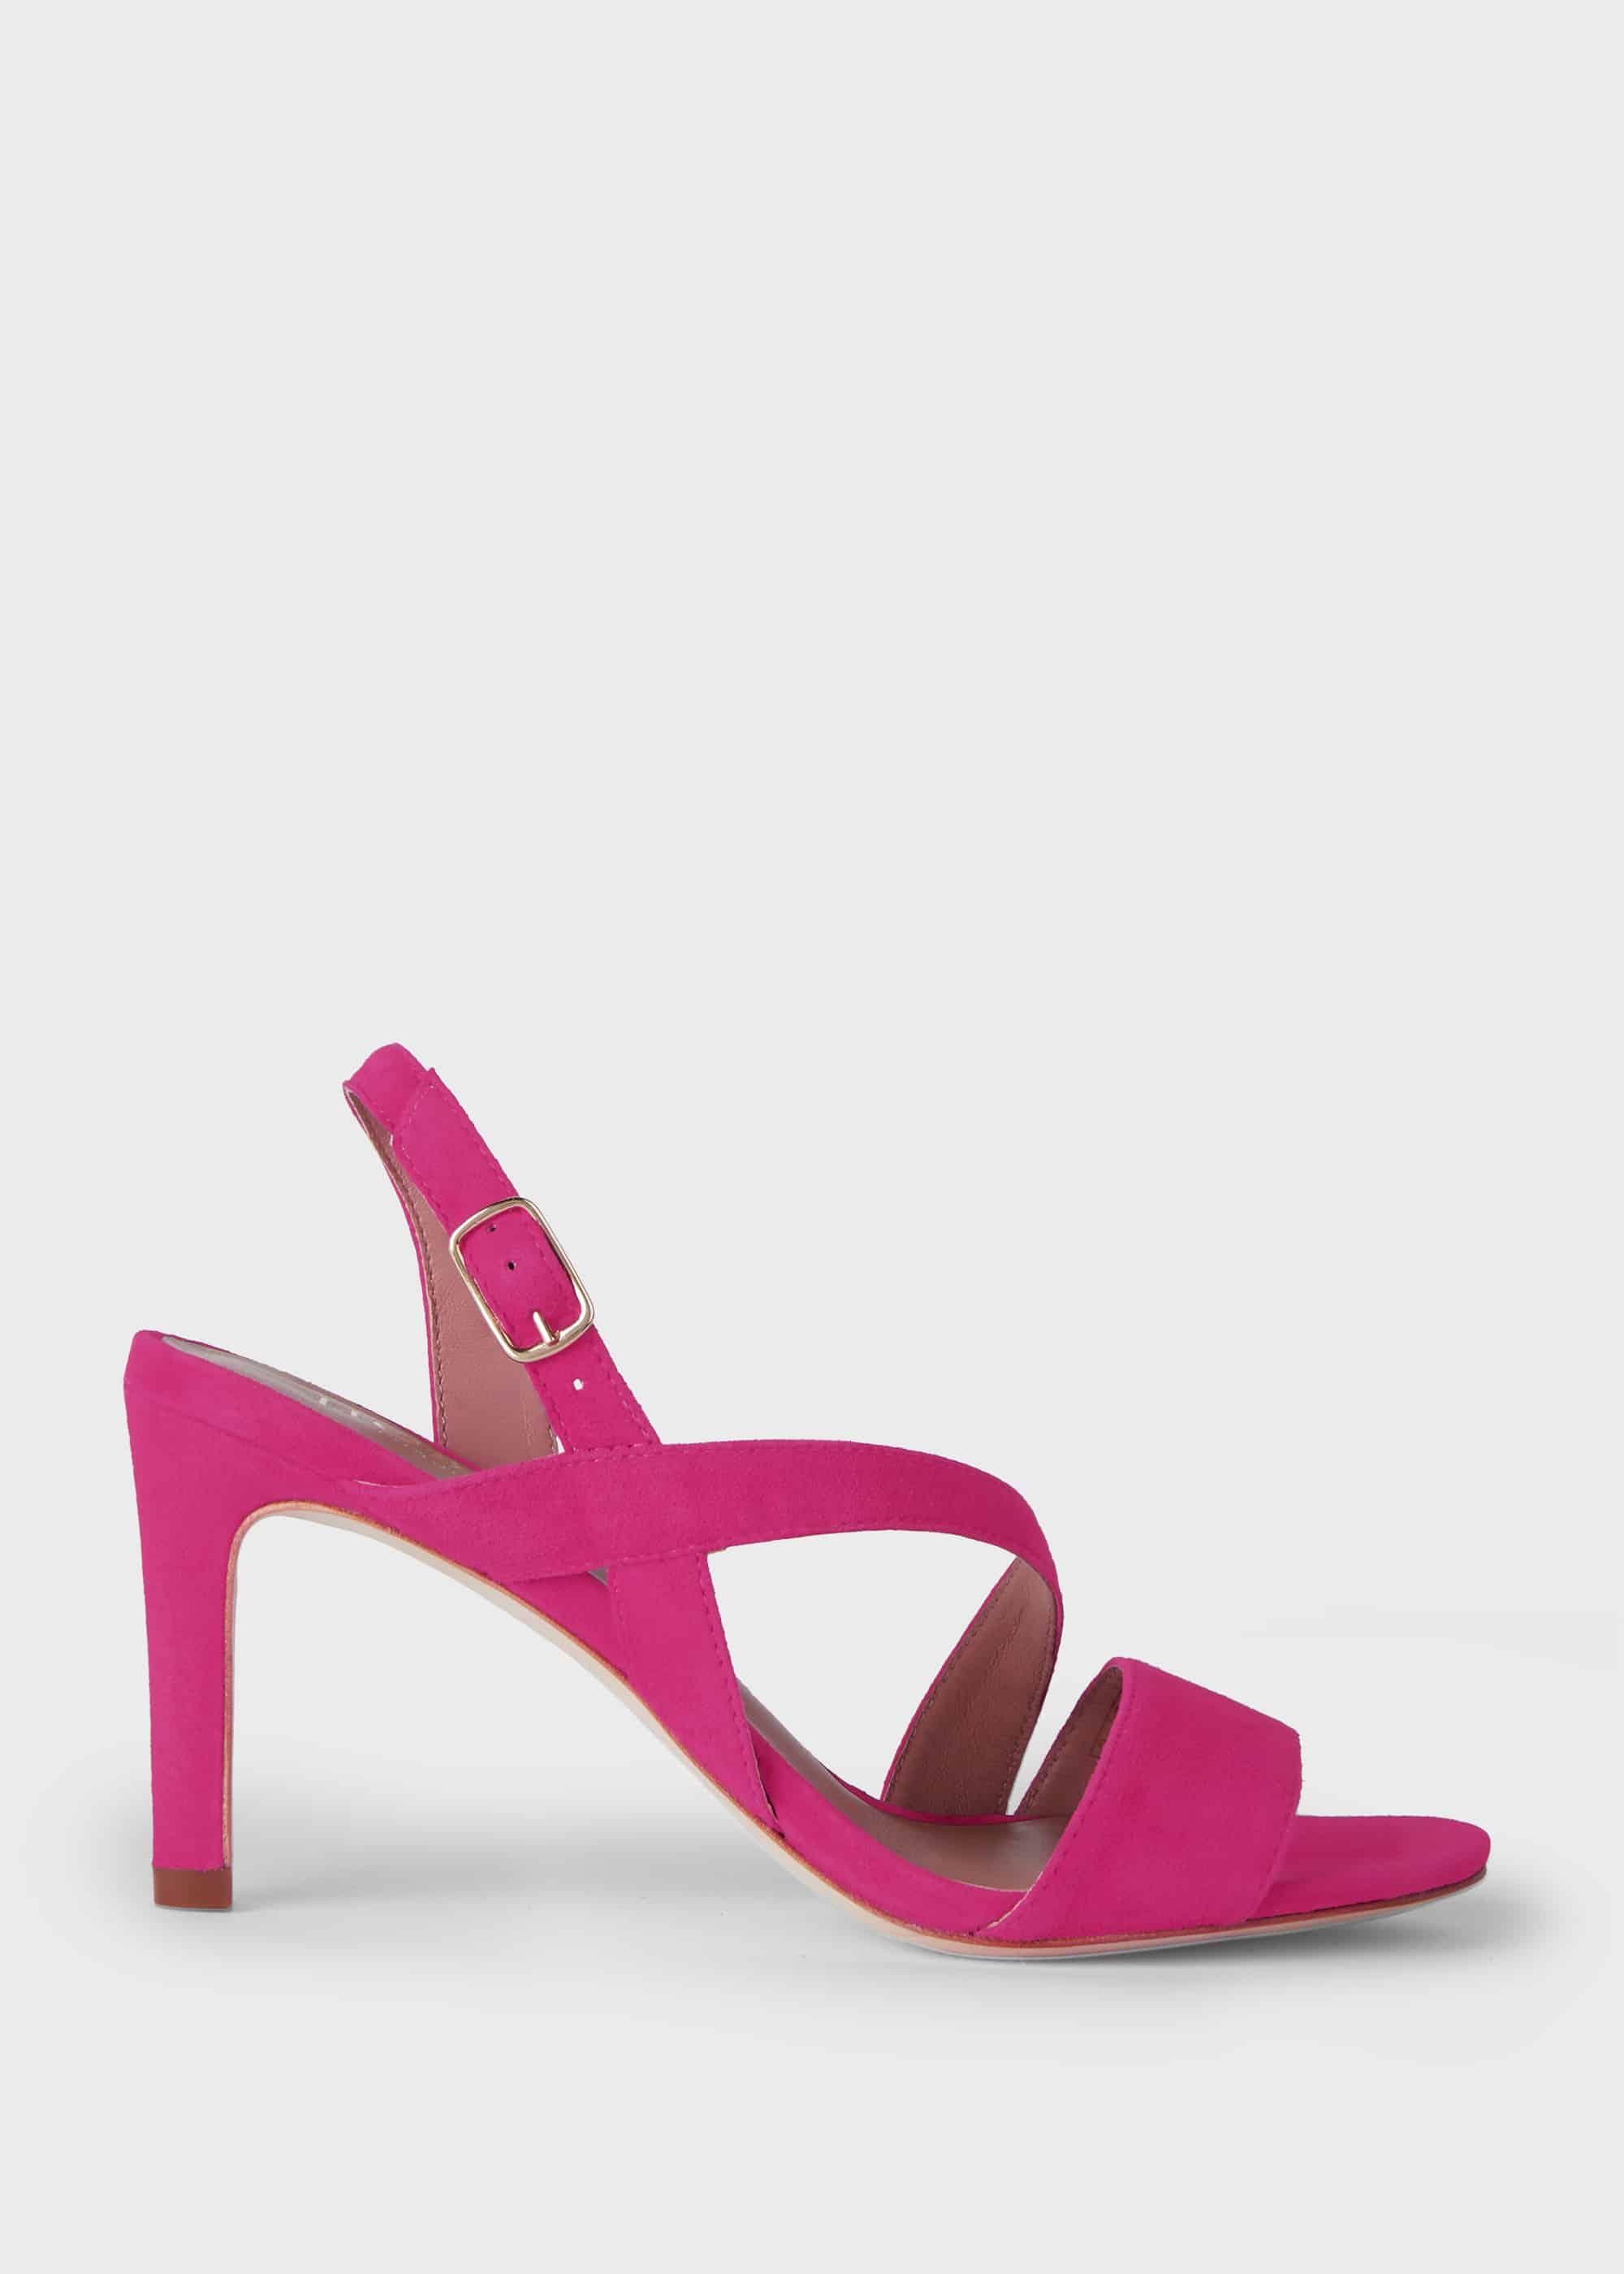 Hobbs Women Mila Suede Sandals